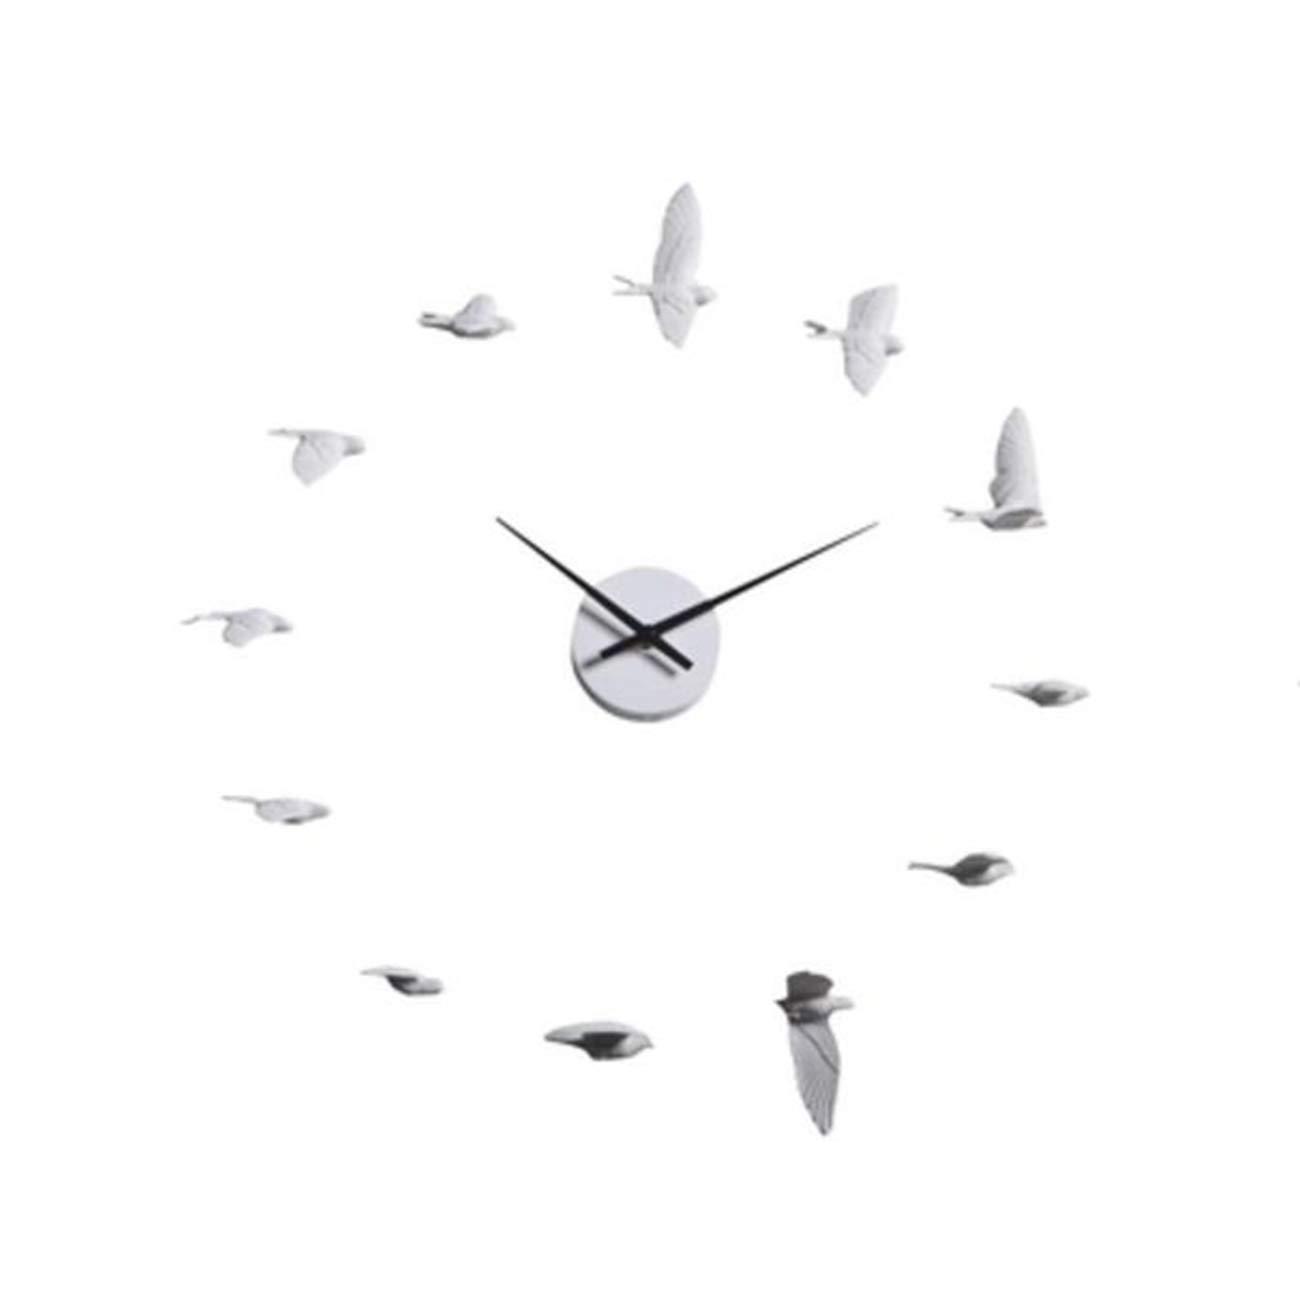 QMPZG-wanduhr wanduhr Weiße Schwalbe Vogel - Kreative Weise Einfach Still Still Still Uhr Zuhause Schlafzimmer Wohnzimmer Büro Uhr 27bc13